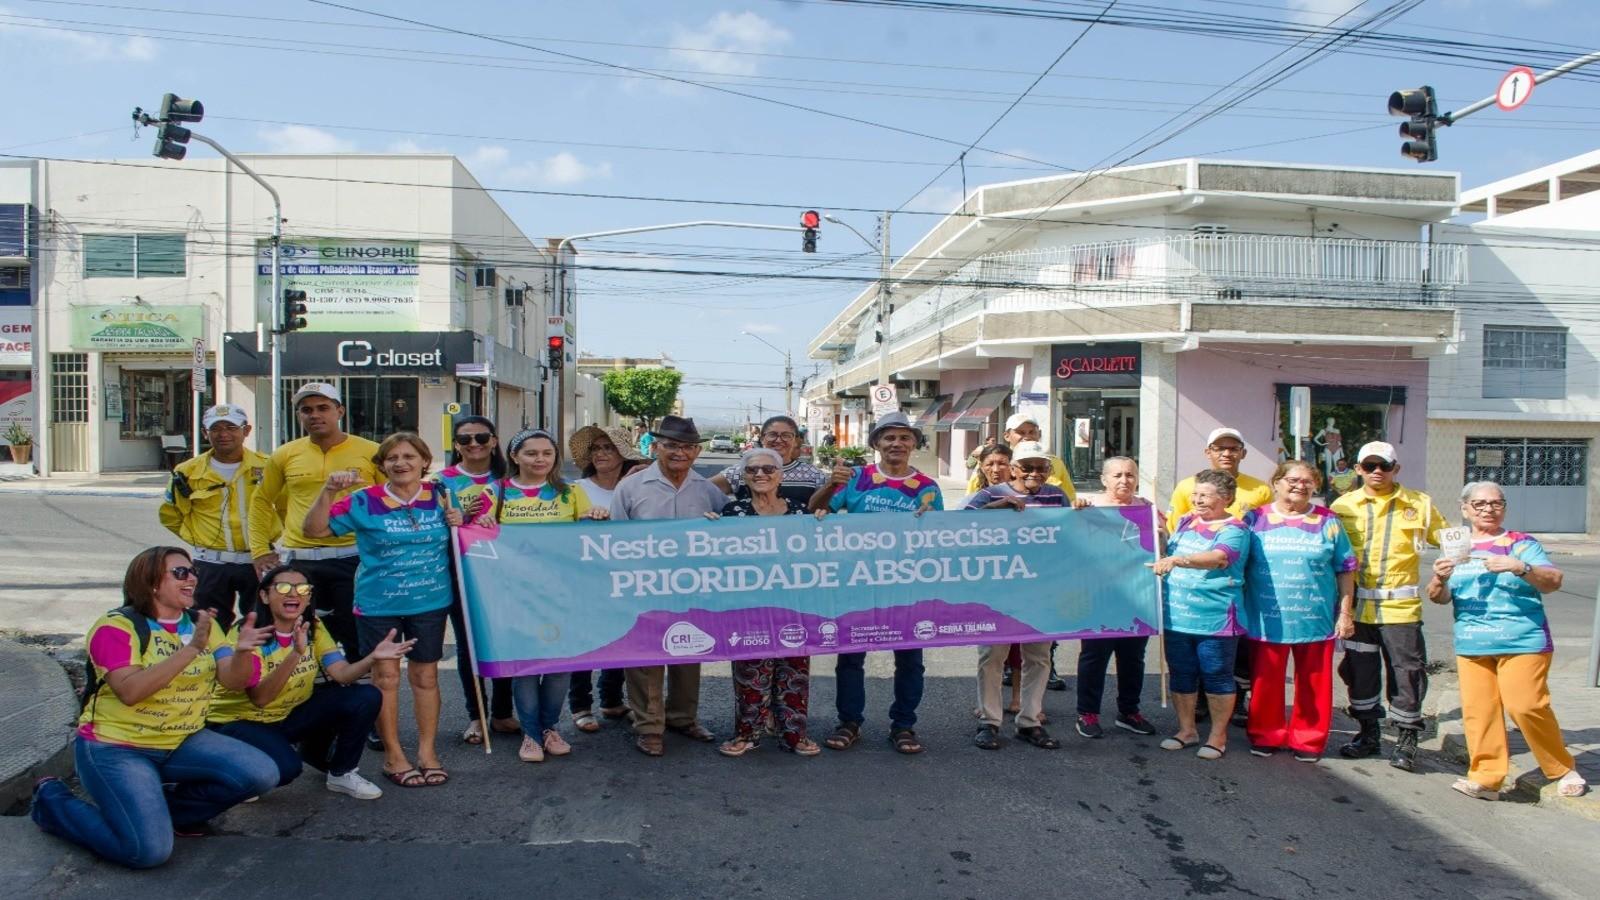 Ações marcam o Mês do Idoso em Serra Talhada - Notícias - Plantão Diário